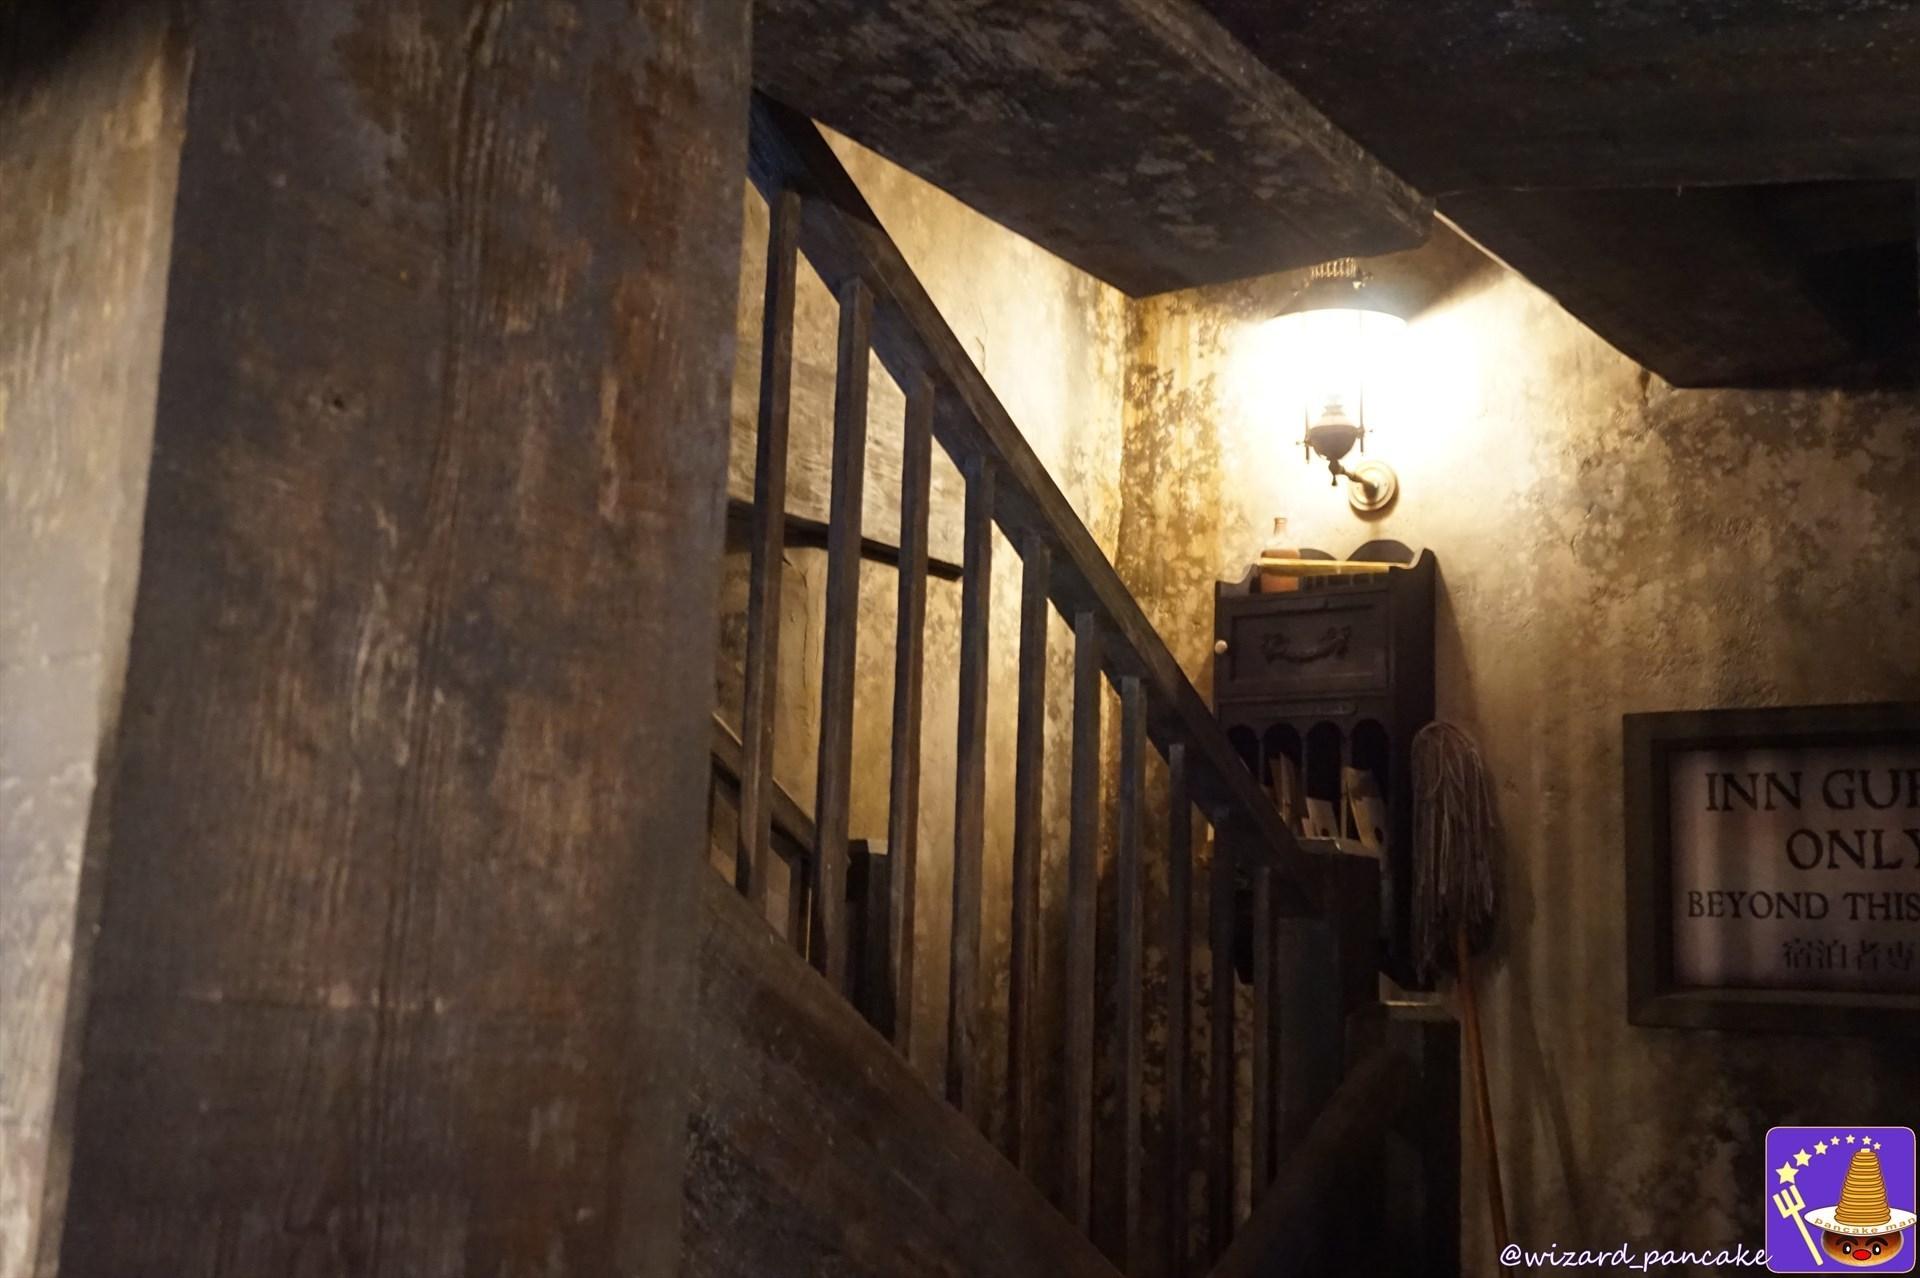 ホッグズヘッドパブ 2回への階段と屋敷しもべ妖精(USJハリーポッター)